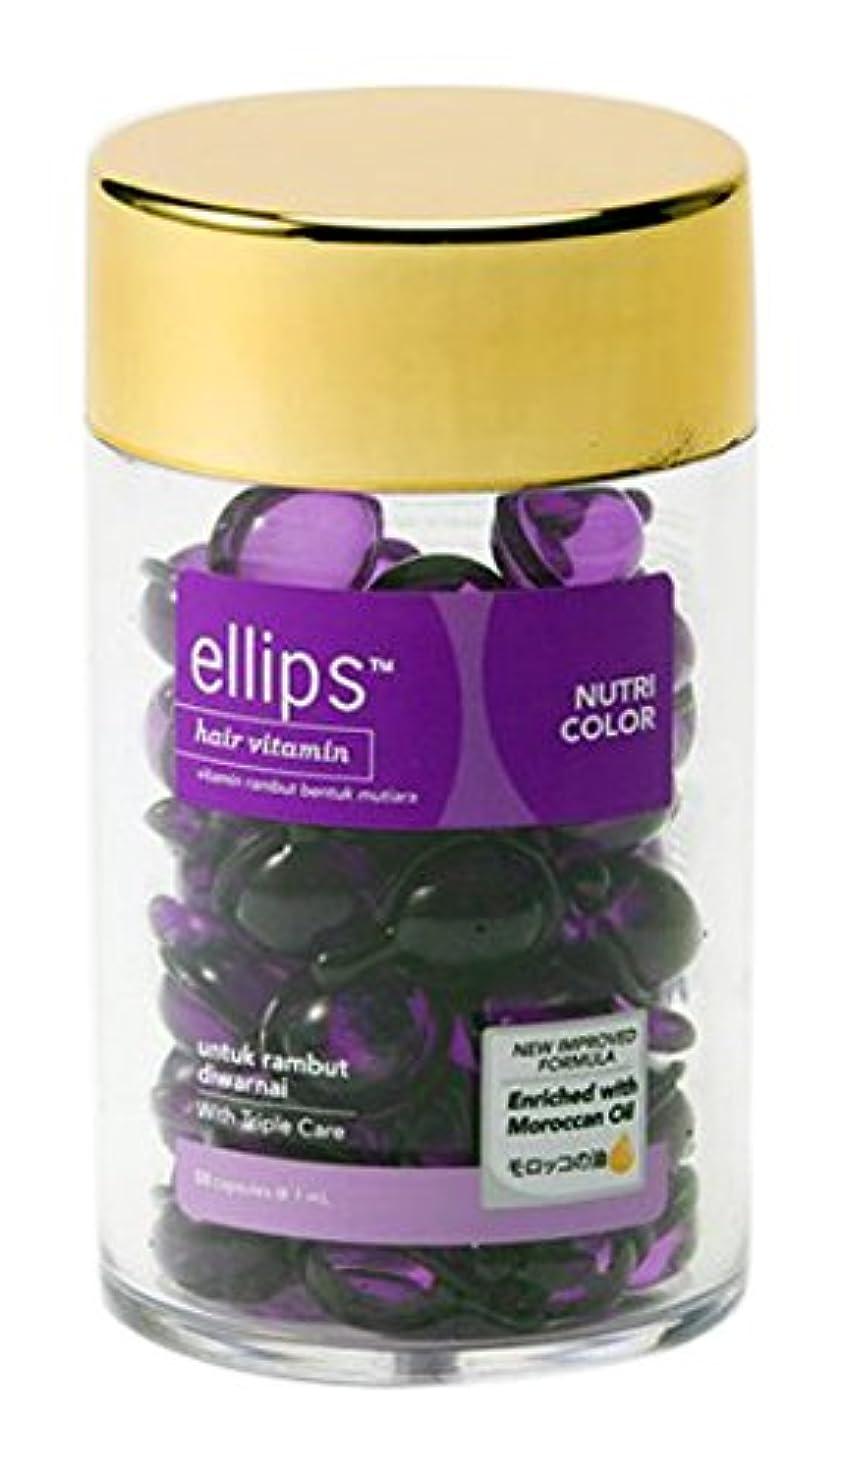 ビュッフェ改善する海藻エリップス(ellips)ニュートリカラー(ミックスベリー&花の香り)ボトル 50粒